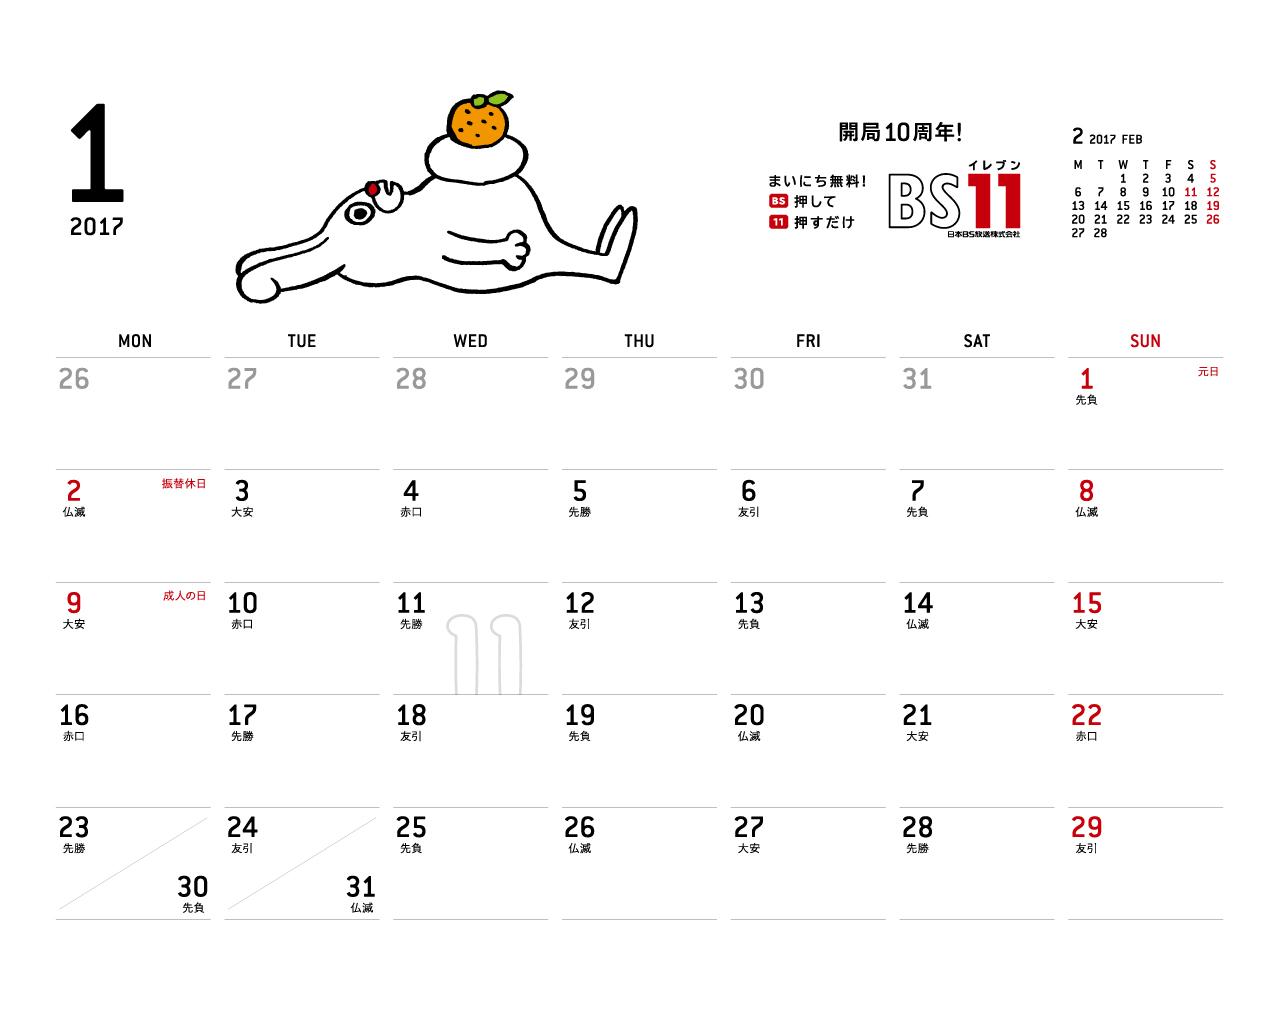 デジタルカレンダー 2017年1月